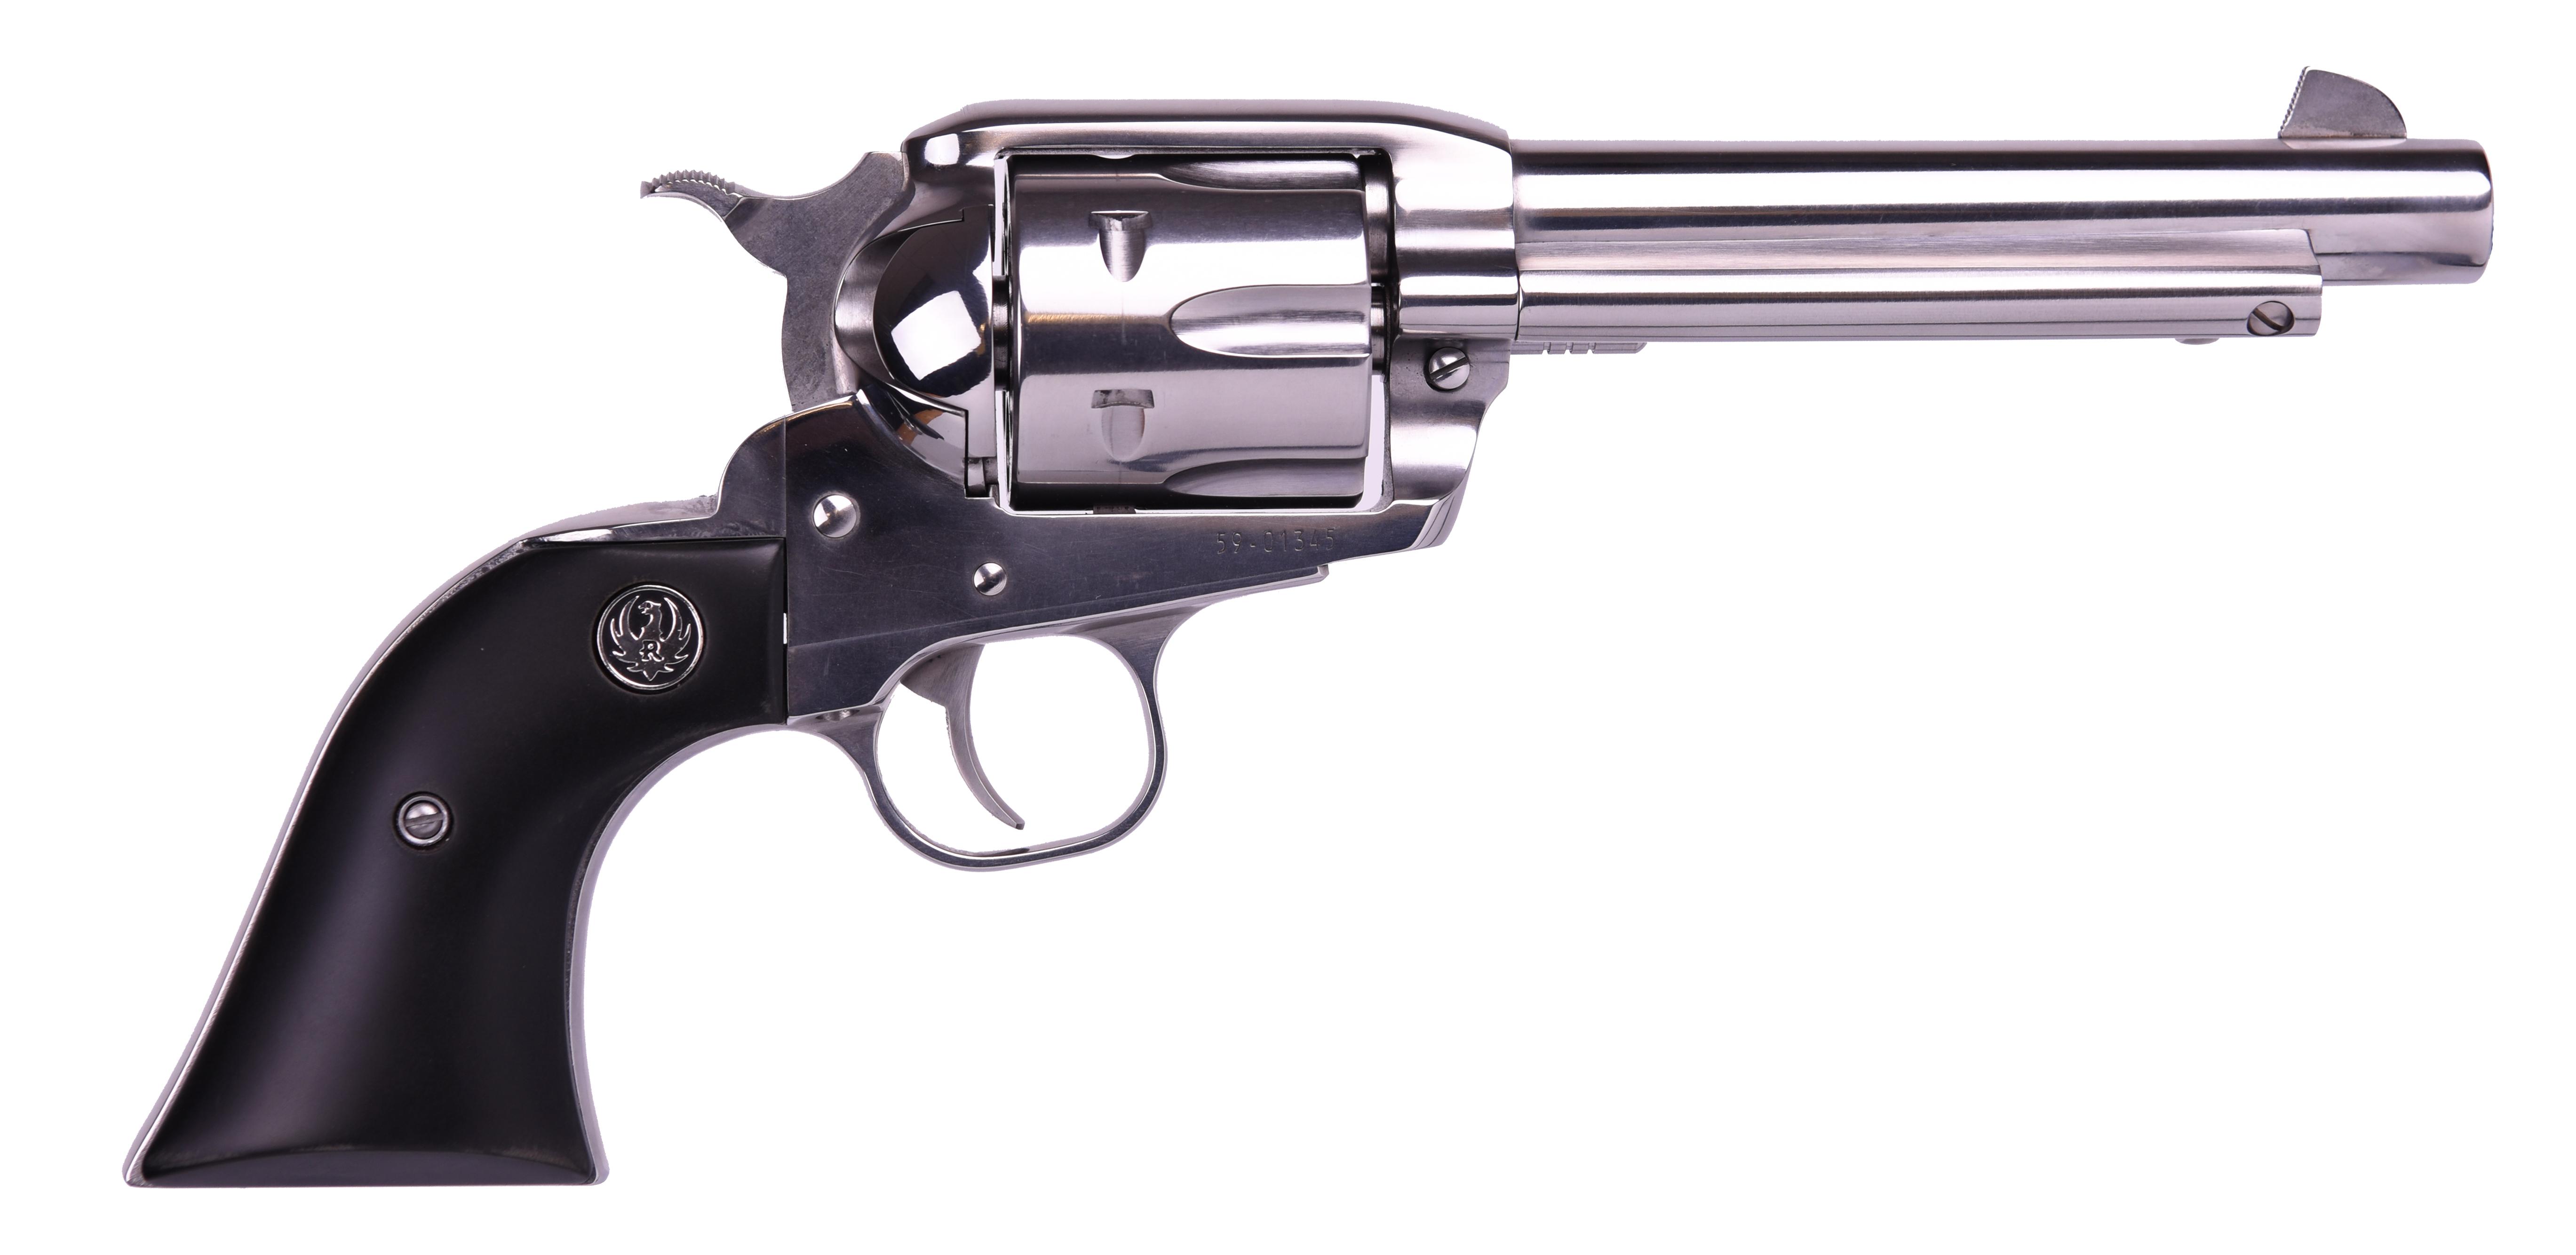 Ruger Vaquero 44 Magnum | 44 Special